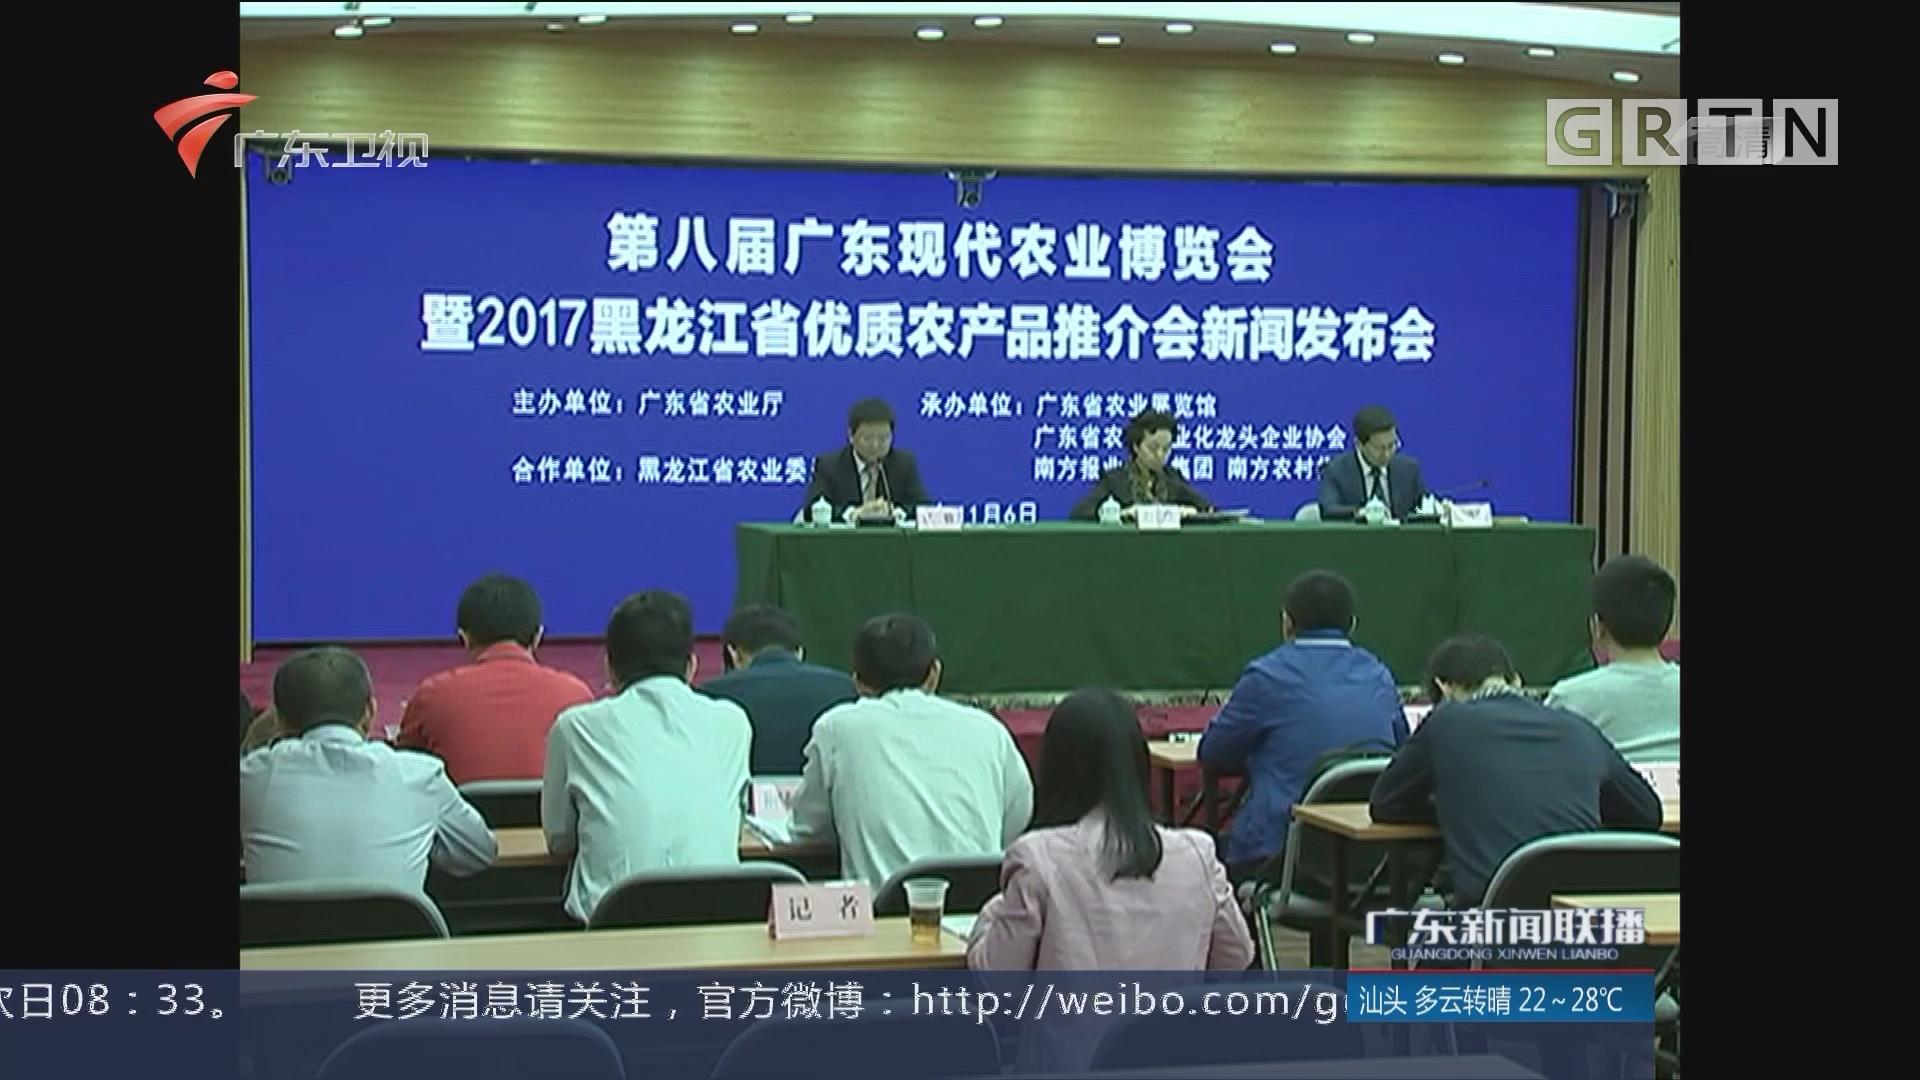 第八届广东现代农业博览会11月16日揭幕